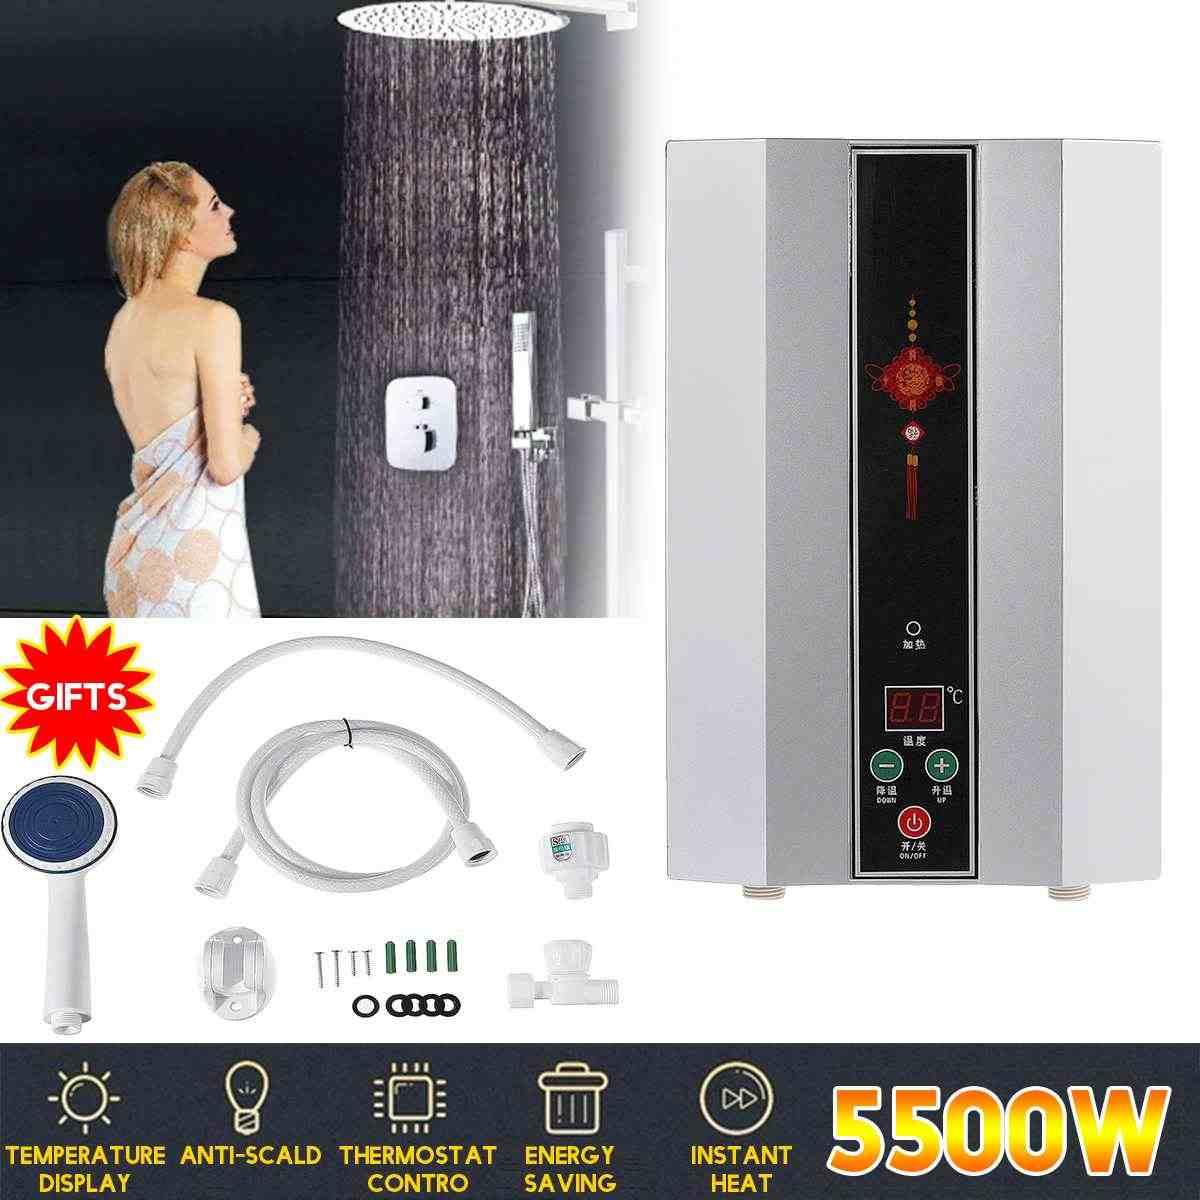 5500W chauffe-eau électrique instantané sans réservoir chauffe-eau instantané chauffe-eau électrique instantané rapide 3 secondes douche chaude